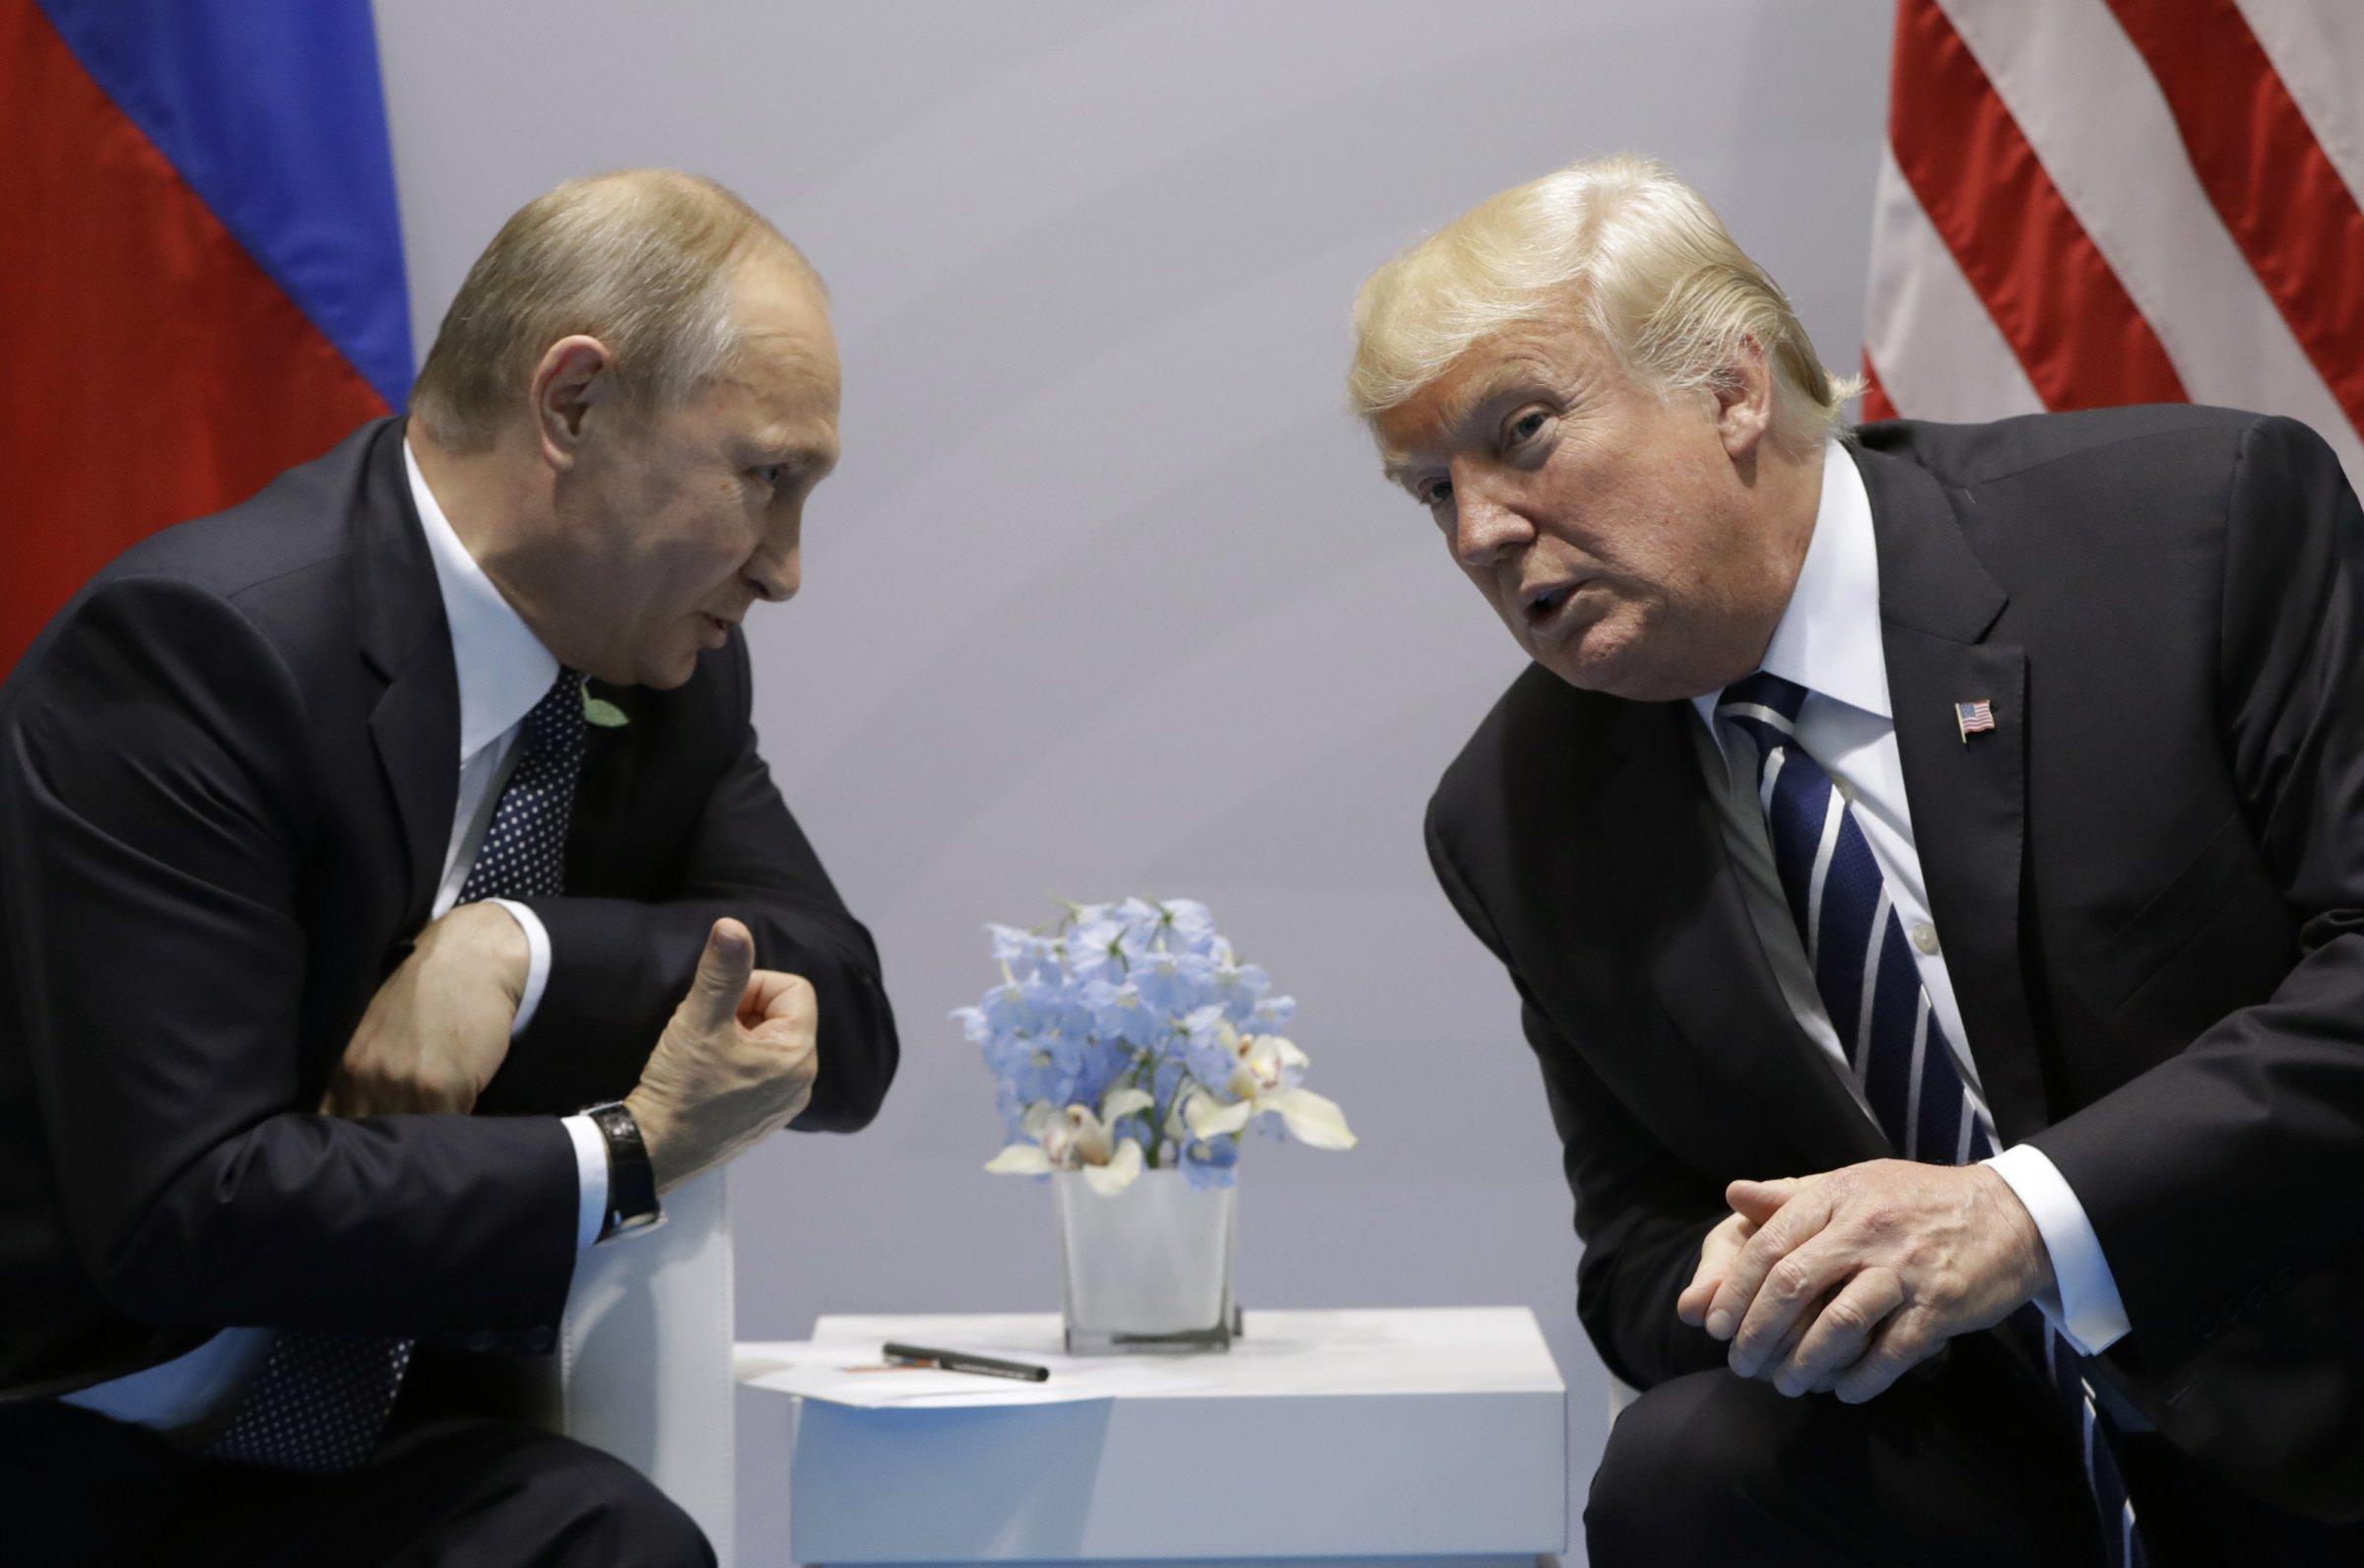 Amerikai szankciók - Kreml: Washington maga dönti el, hogy kiket épít le képviseletein